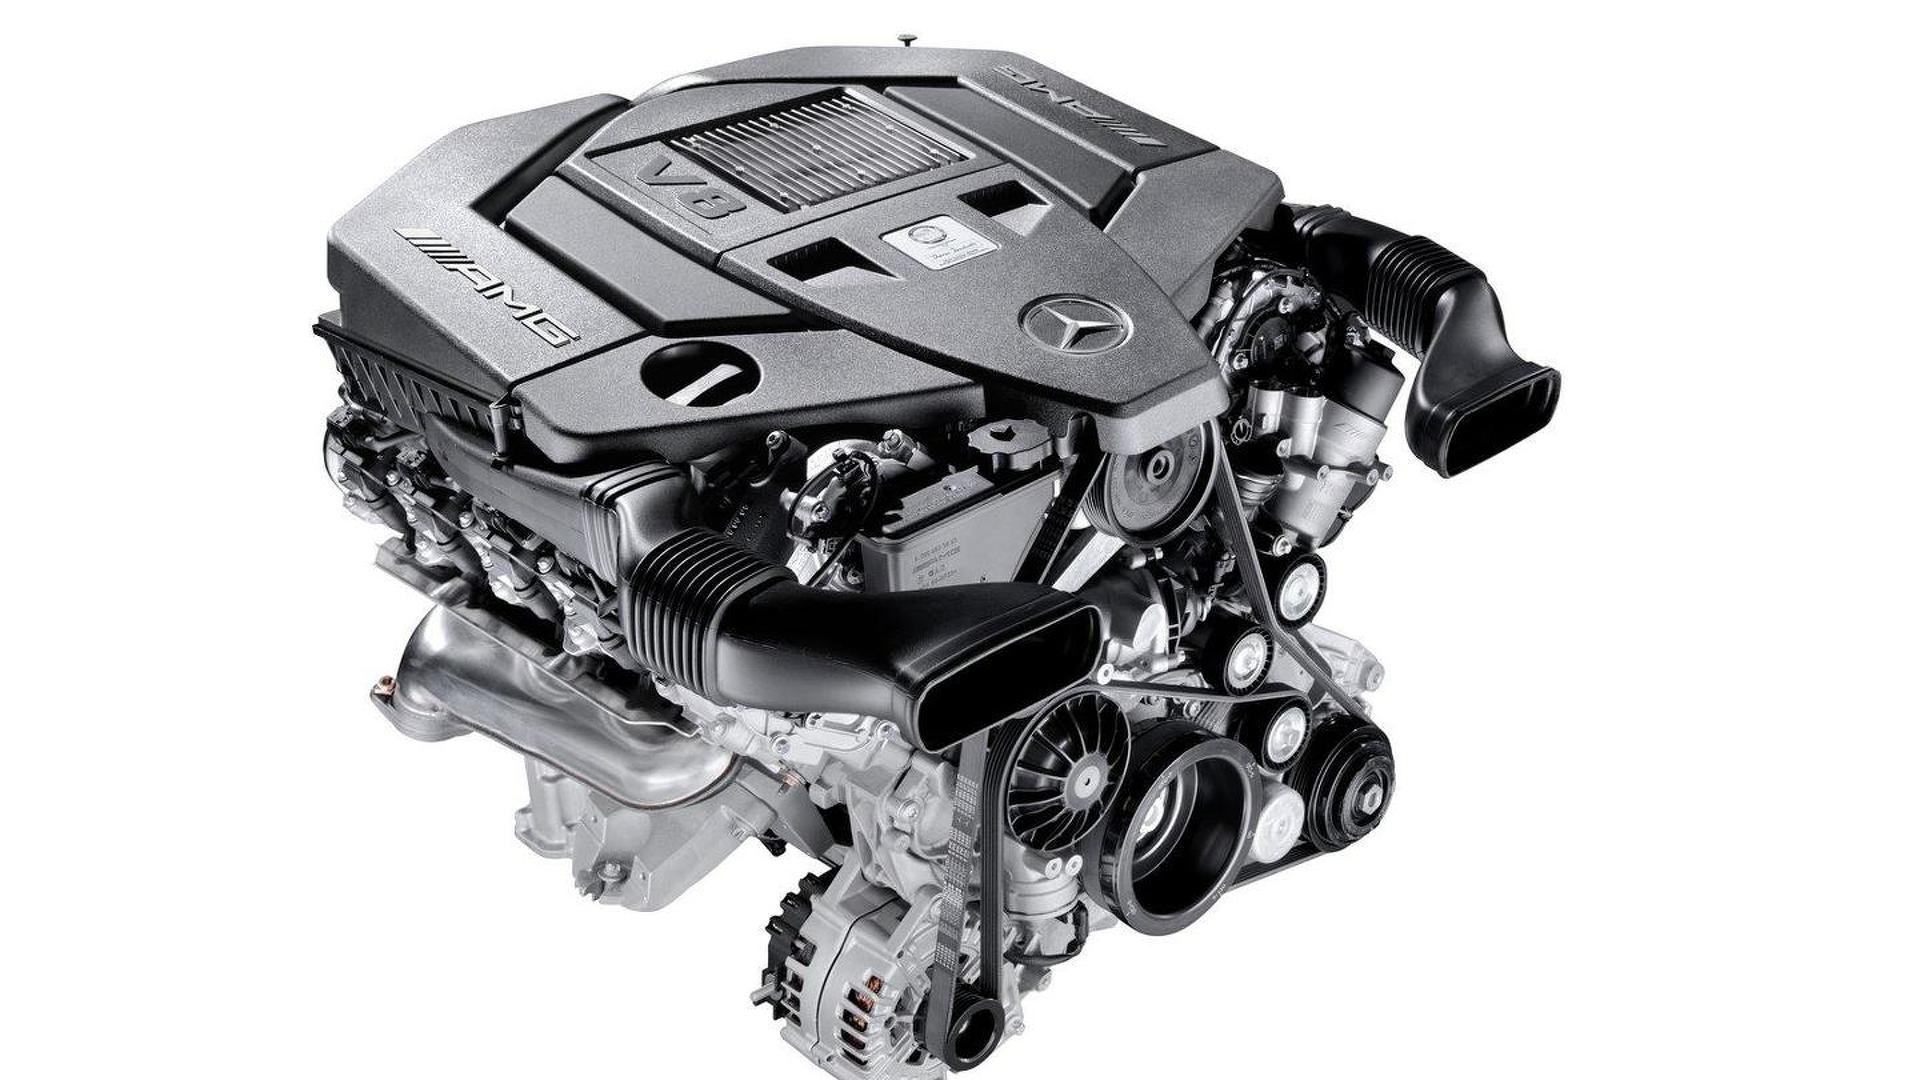 Mercedes-Benz introduces new AMG-developed 5 5 liter V8